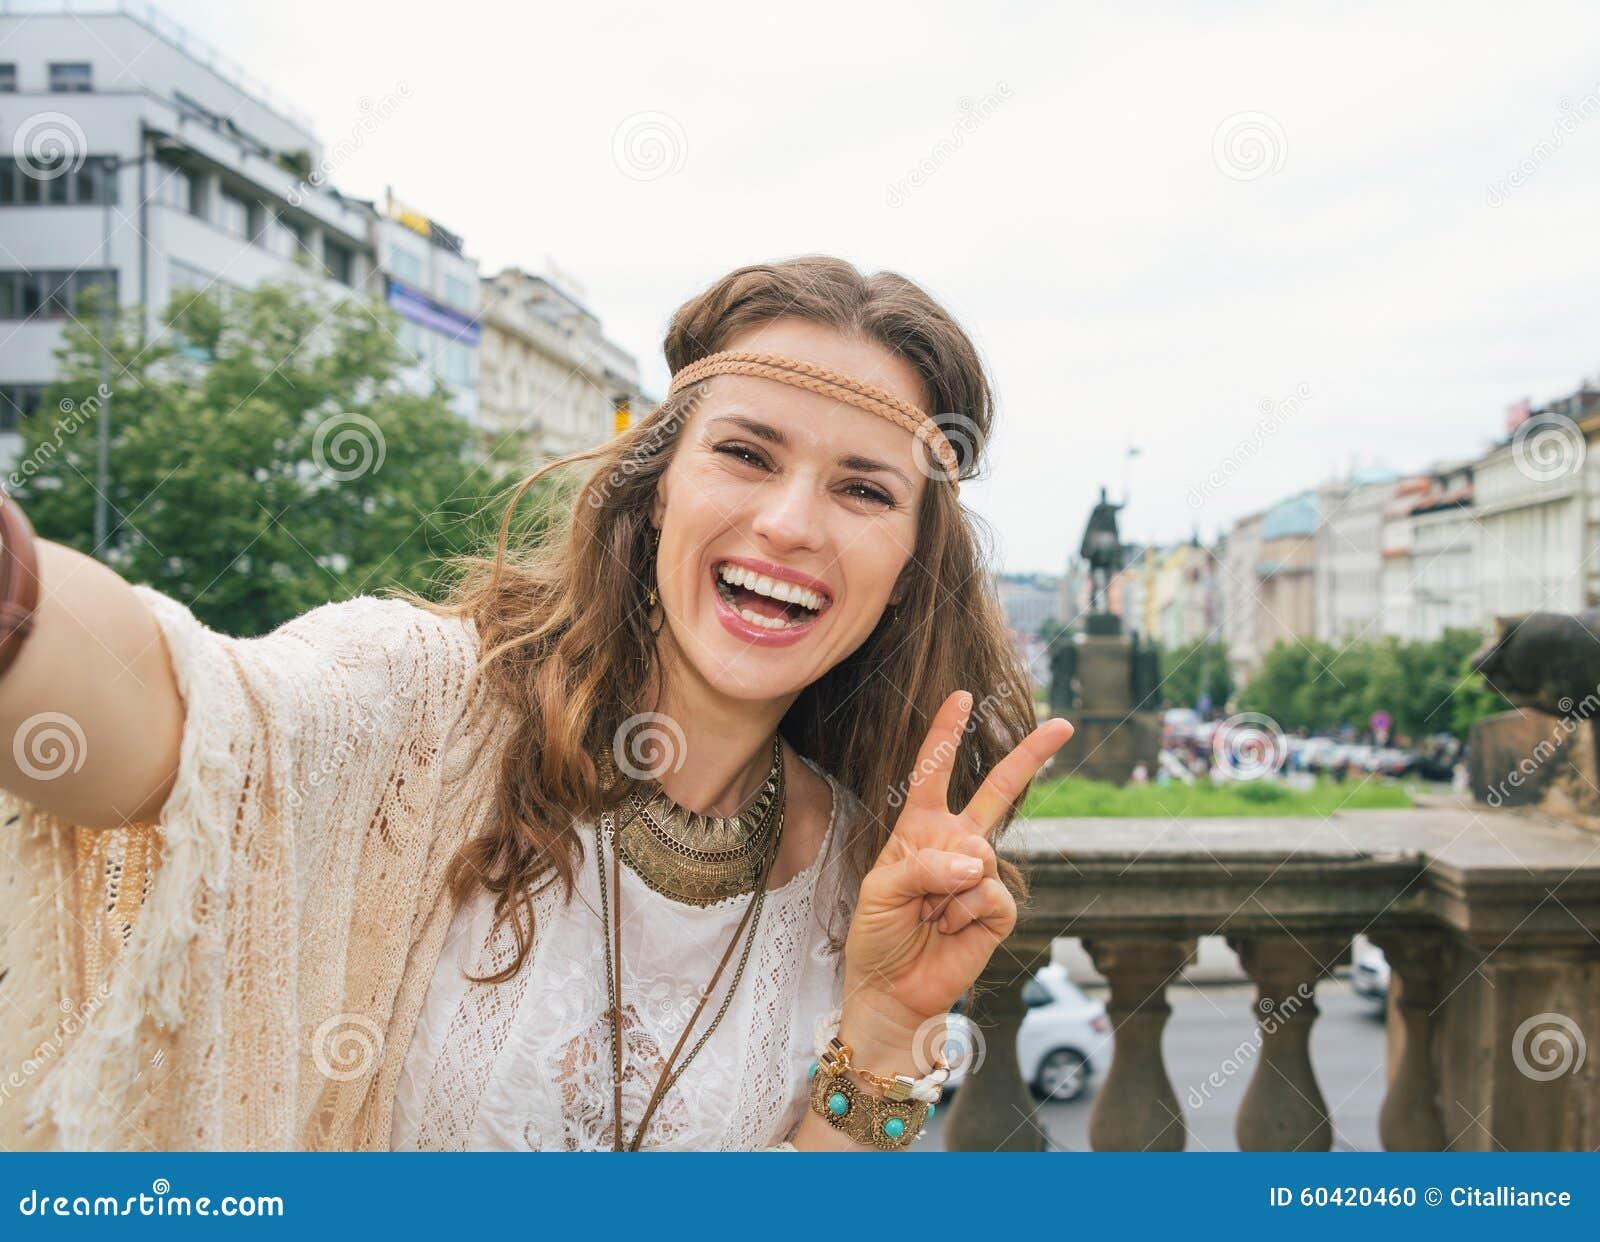 Hippiefrauentourist, Der Selfie In Prag Macht Und Sieg